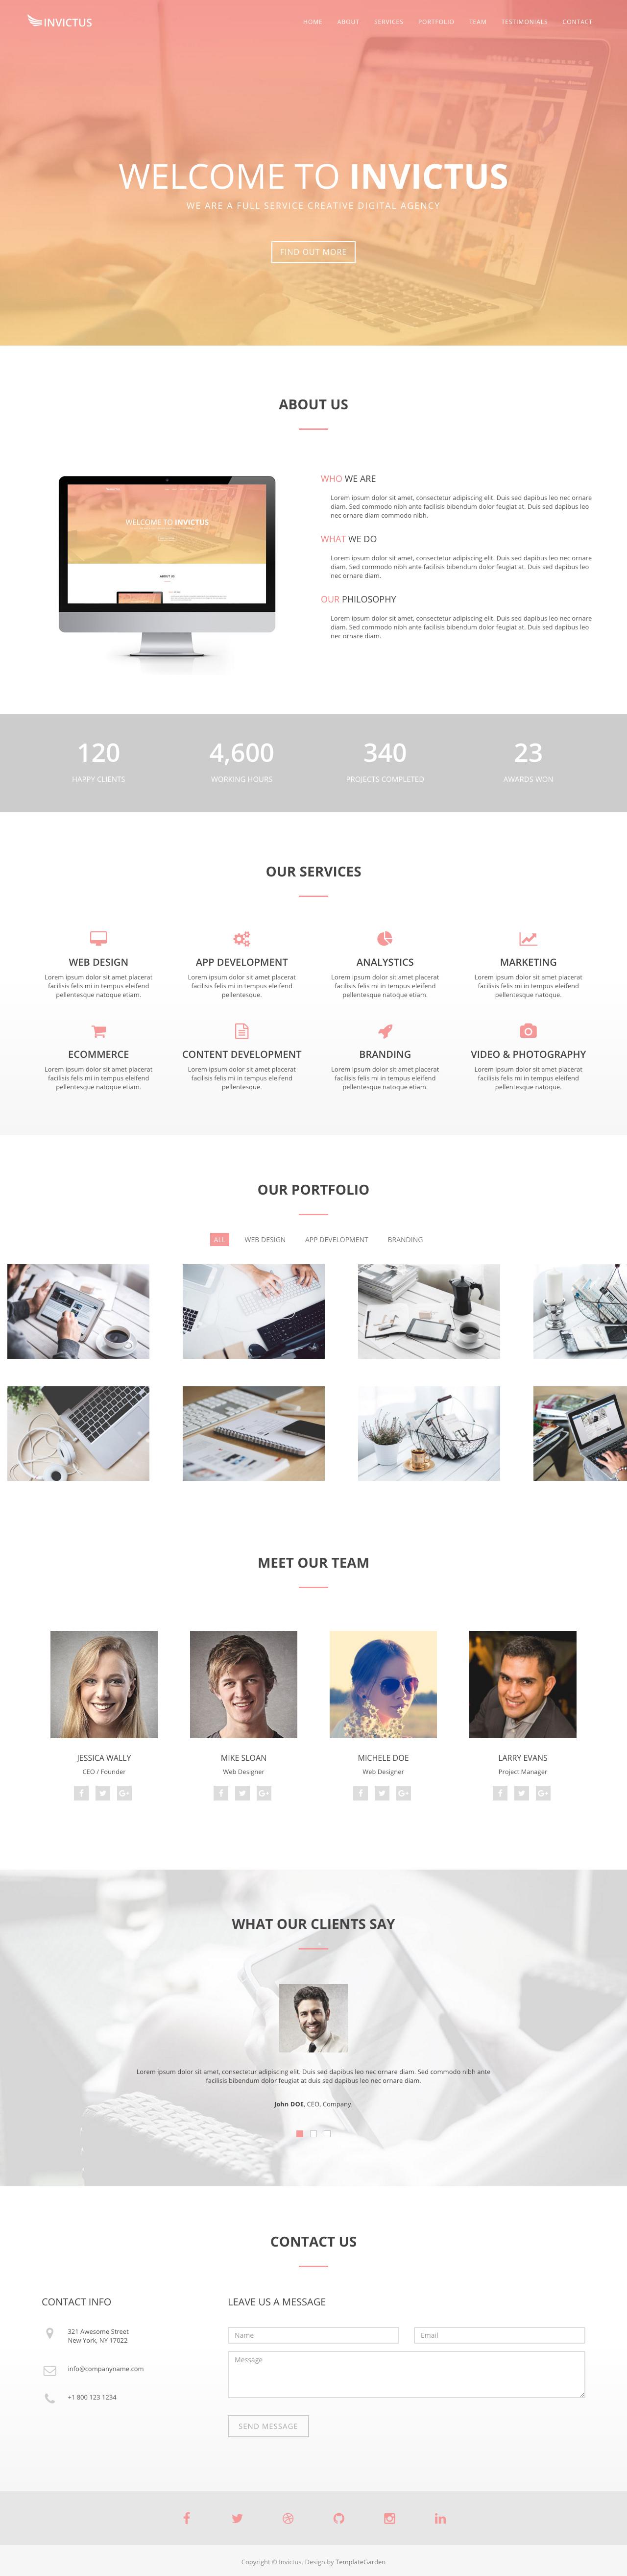 Invictus Website Screenshot